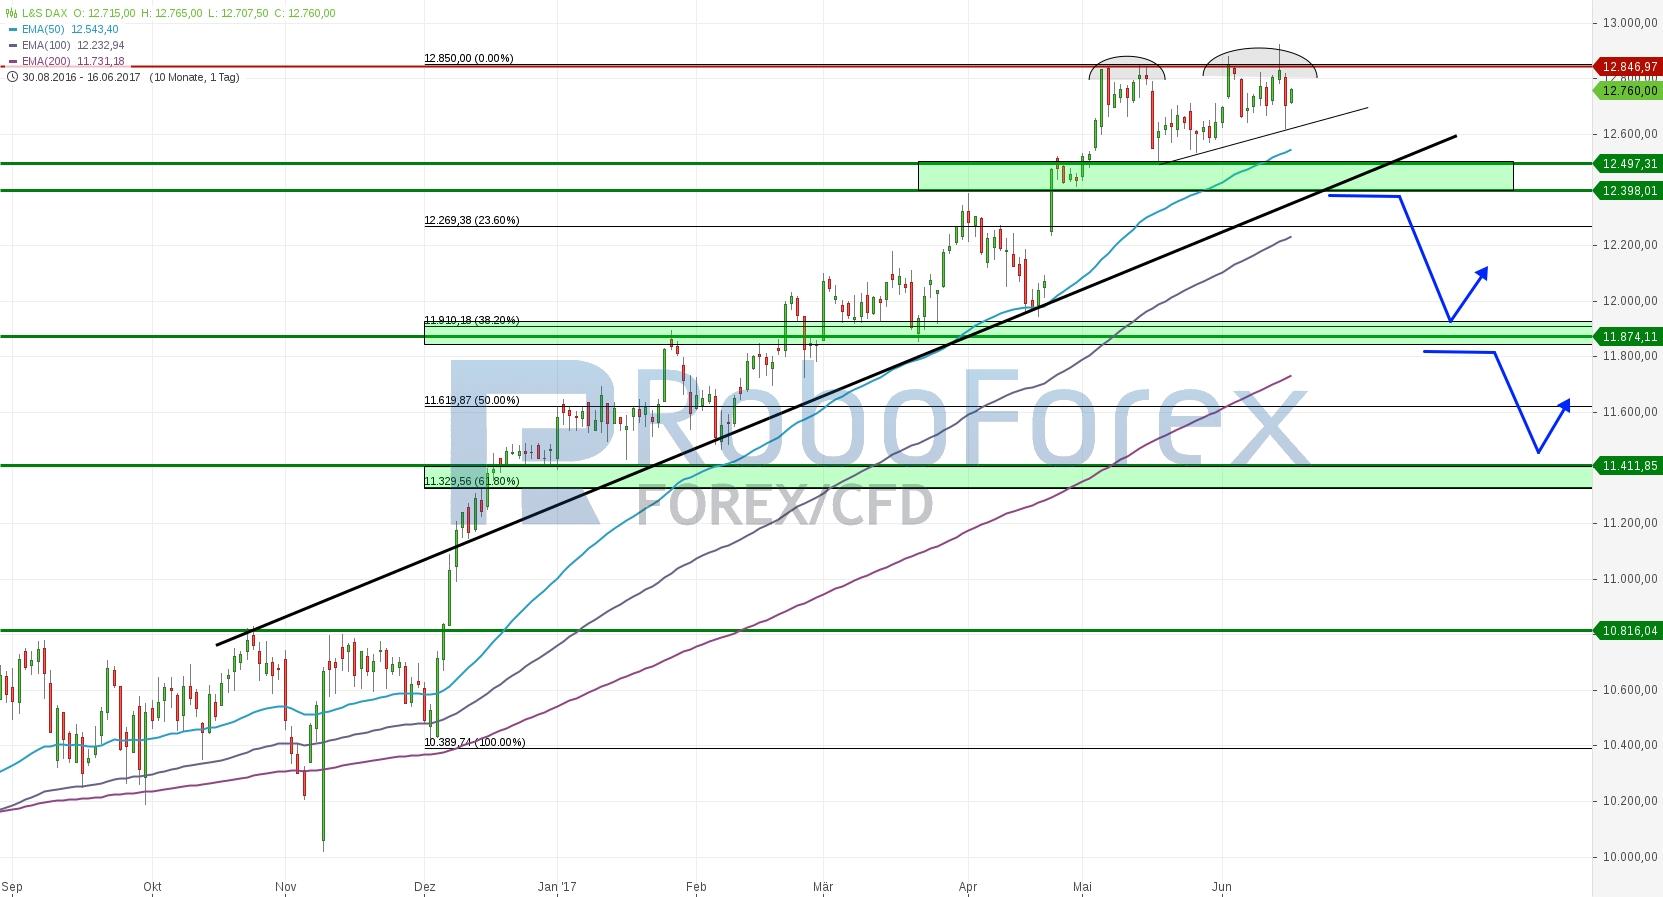 chart-17062017-1051-lsdax-roboforex.jpg